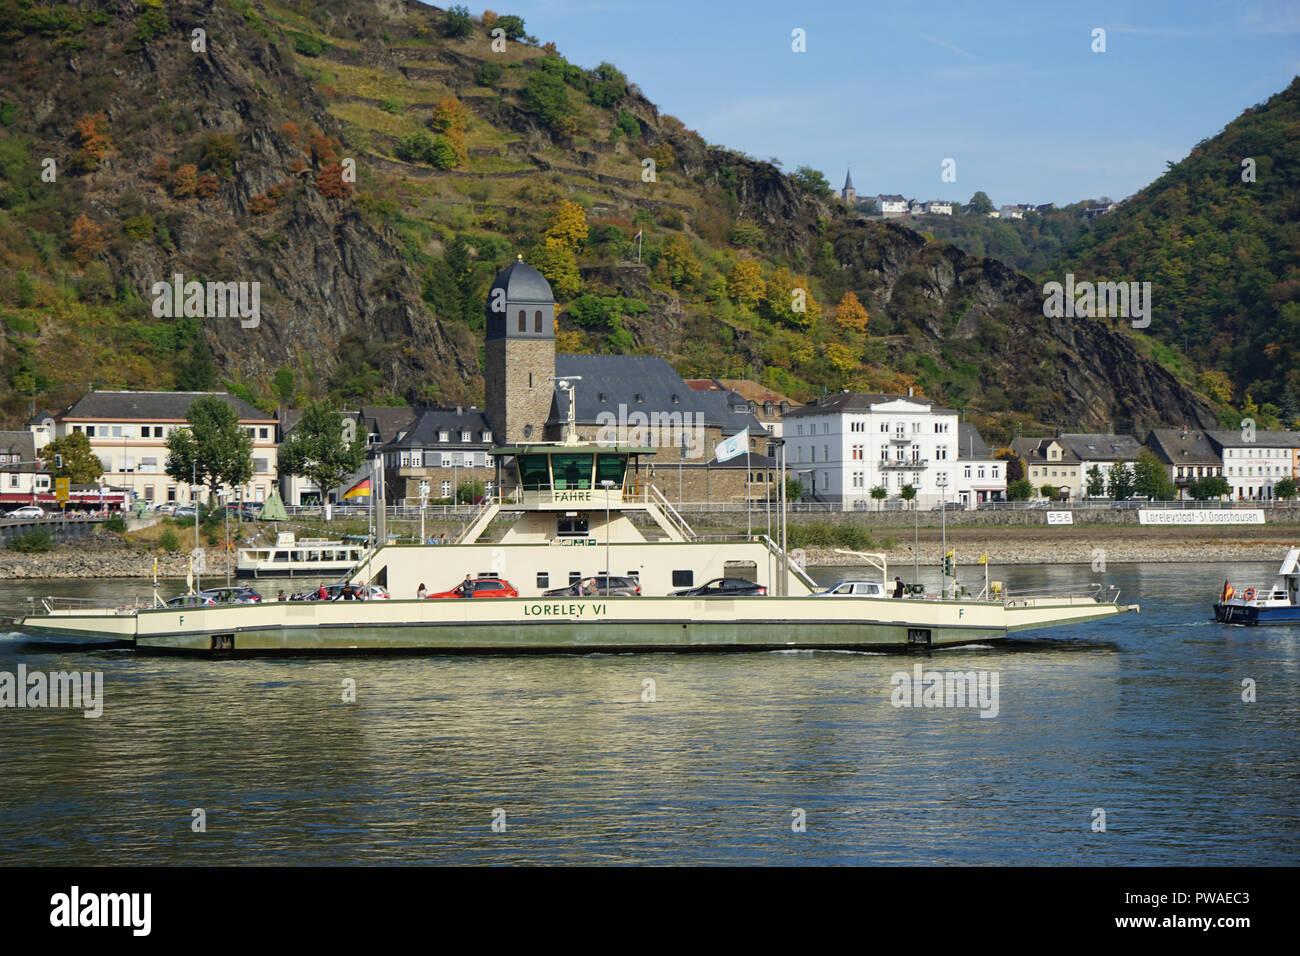 'Loreley' Fähre, Kaub, Autofähre, Welterbe Kulturlandschaft Oberes Mittelrheintal, Rhein, Deutschland, Europa - Stock Image